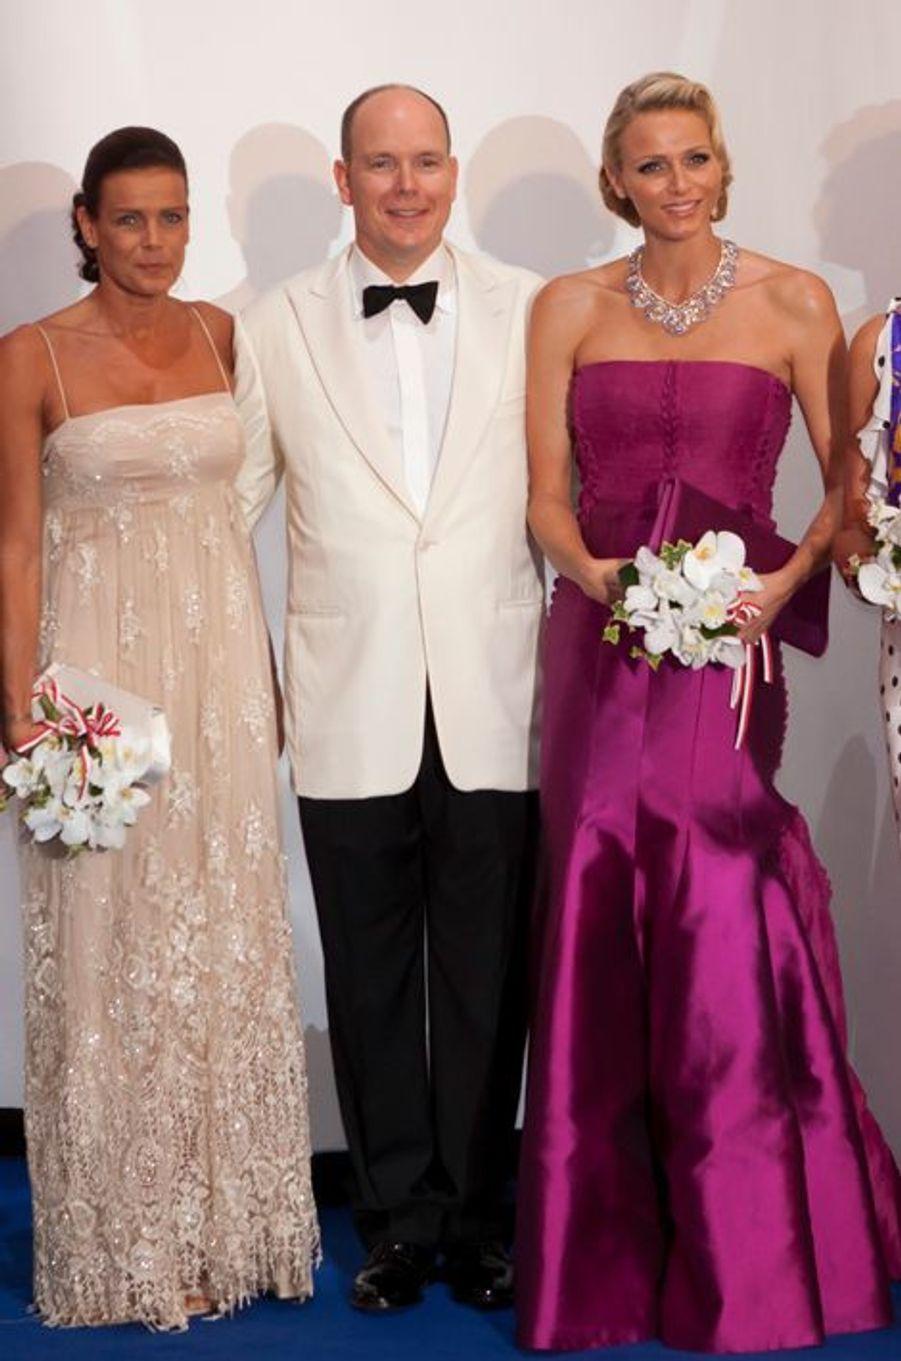 La princesse Stéphanie de Monaco le 5 août 2011, avec le prince Albert et la princesse Charlène